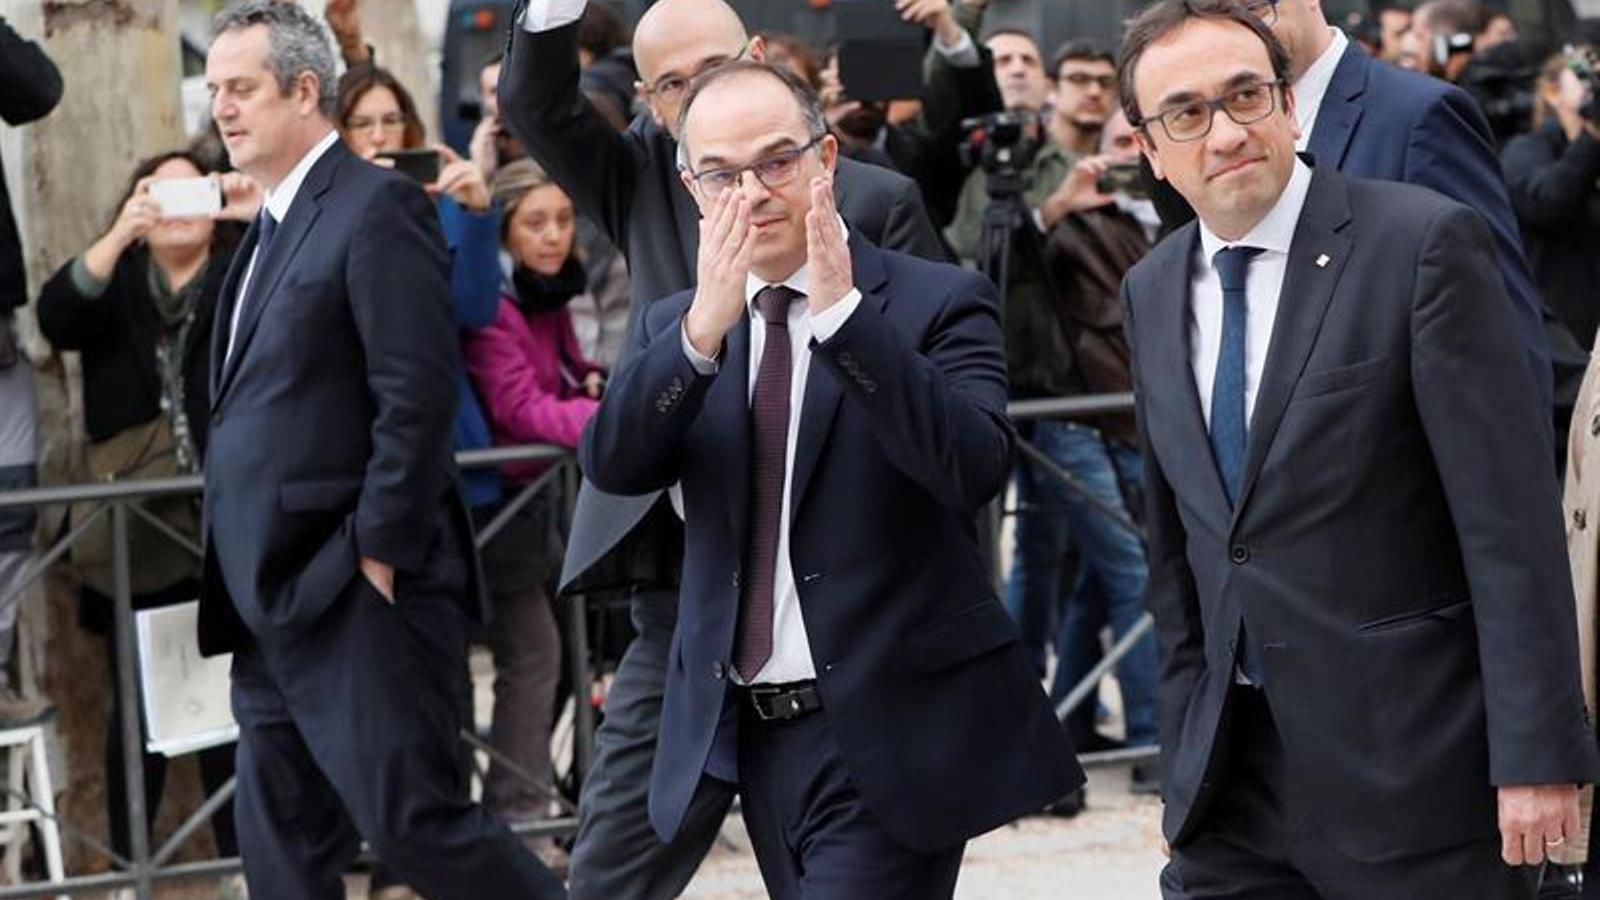 D'esquerra a dreta, Joaquim Forn, Raül Romeva, Jordi Turull i Josep Rull